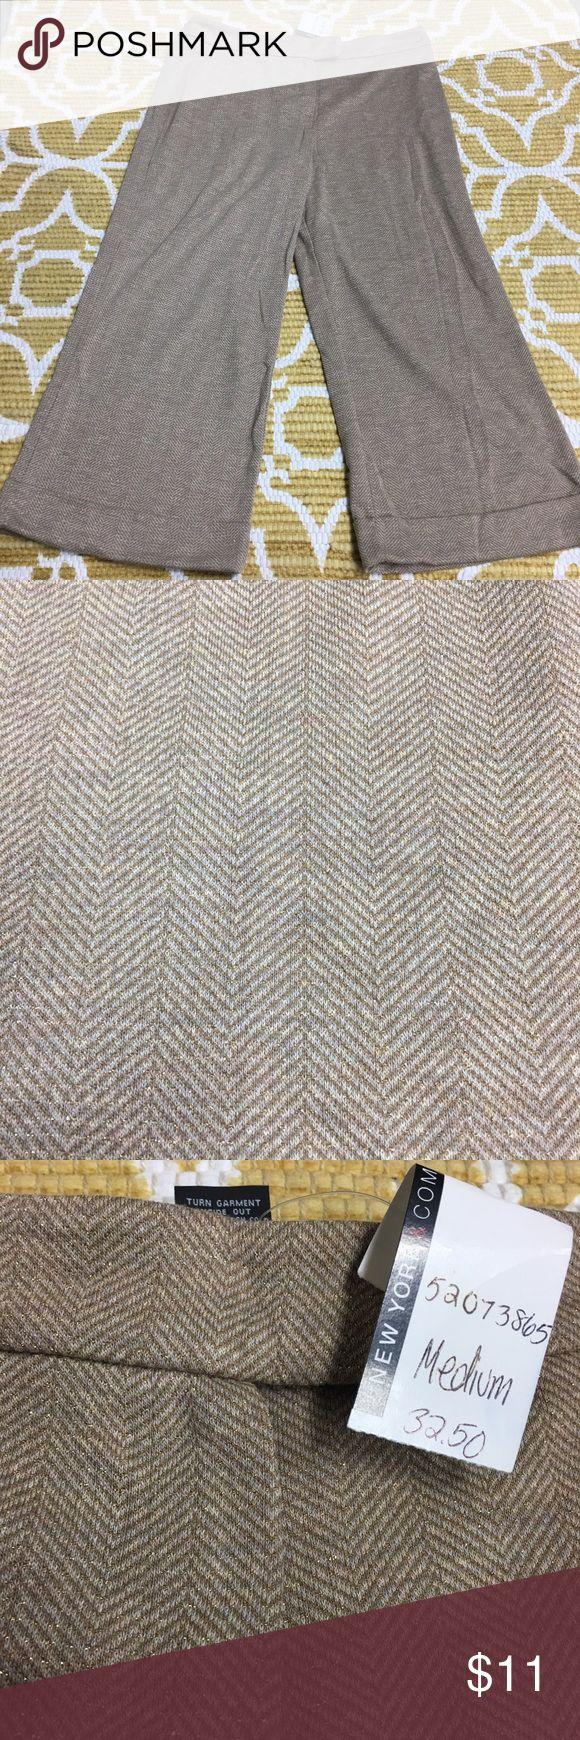 NWT - Med Tan/Gold NY&C Capri Trouser NWT - Med Tan/Gold NY&C Capri Trouser New York & Company Pants Capris